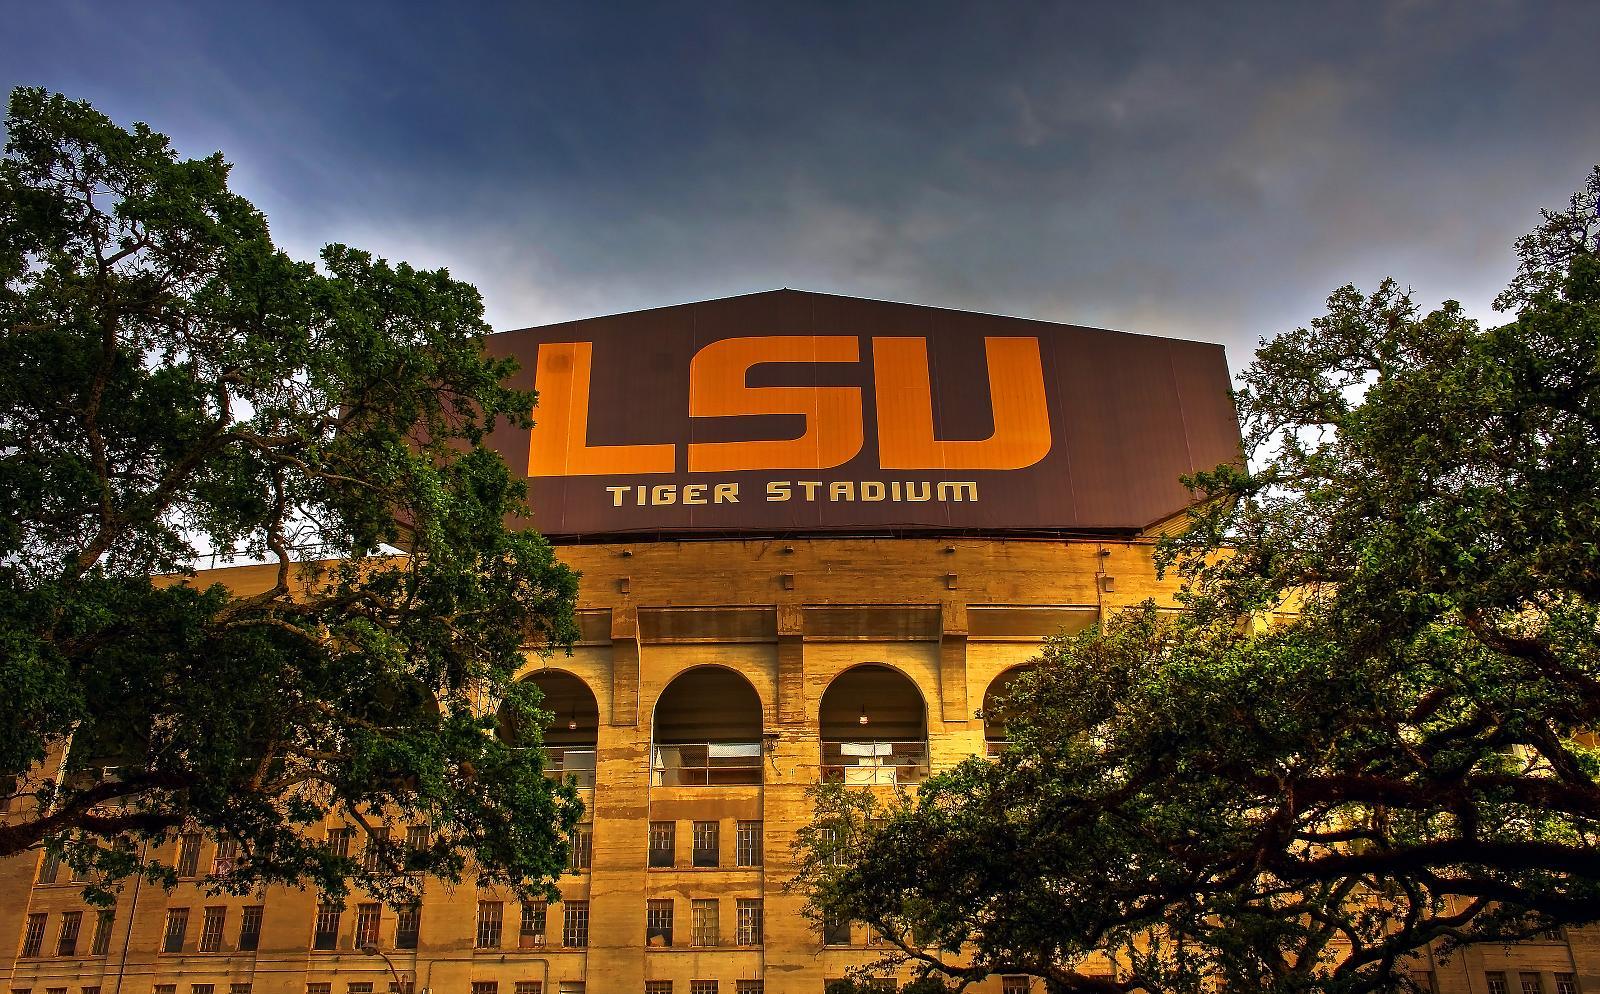 Report: Alabama student accused of threat at LSU's Tiger Stadium